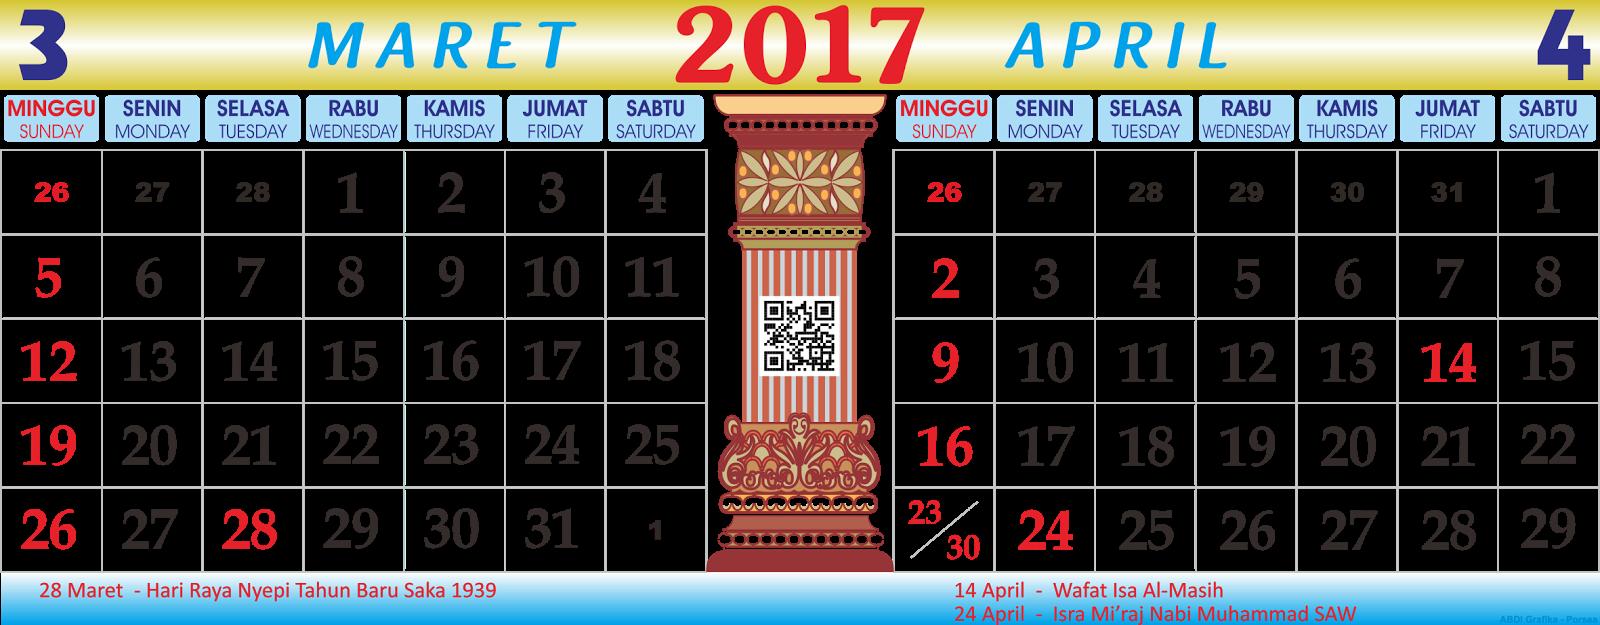 Kalender Bulan April : Vector for free kalender maret april